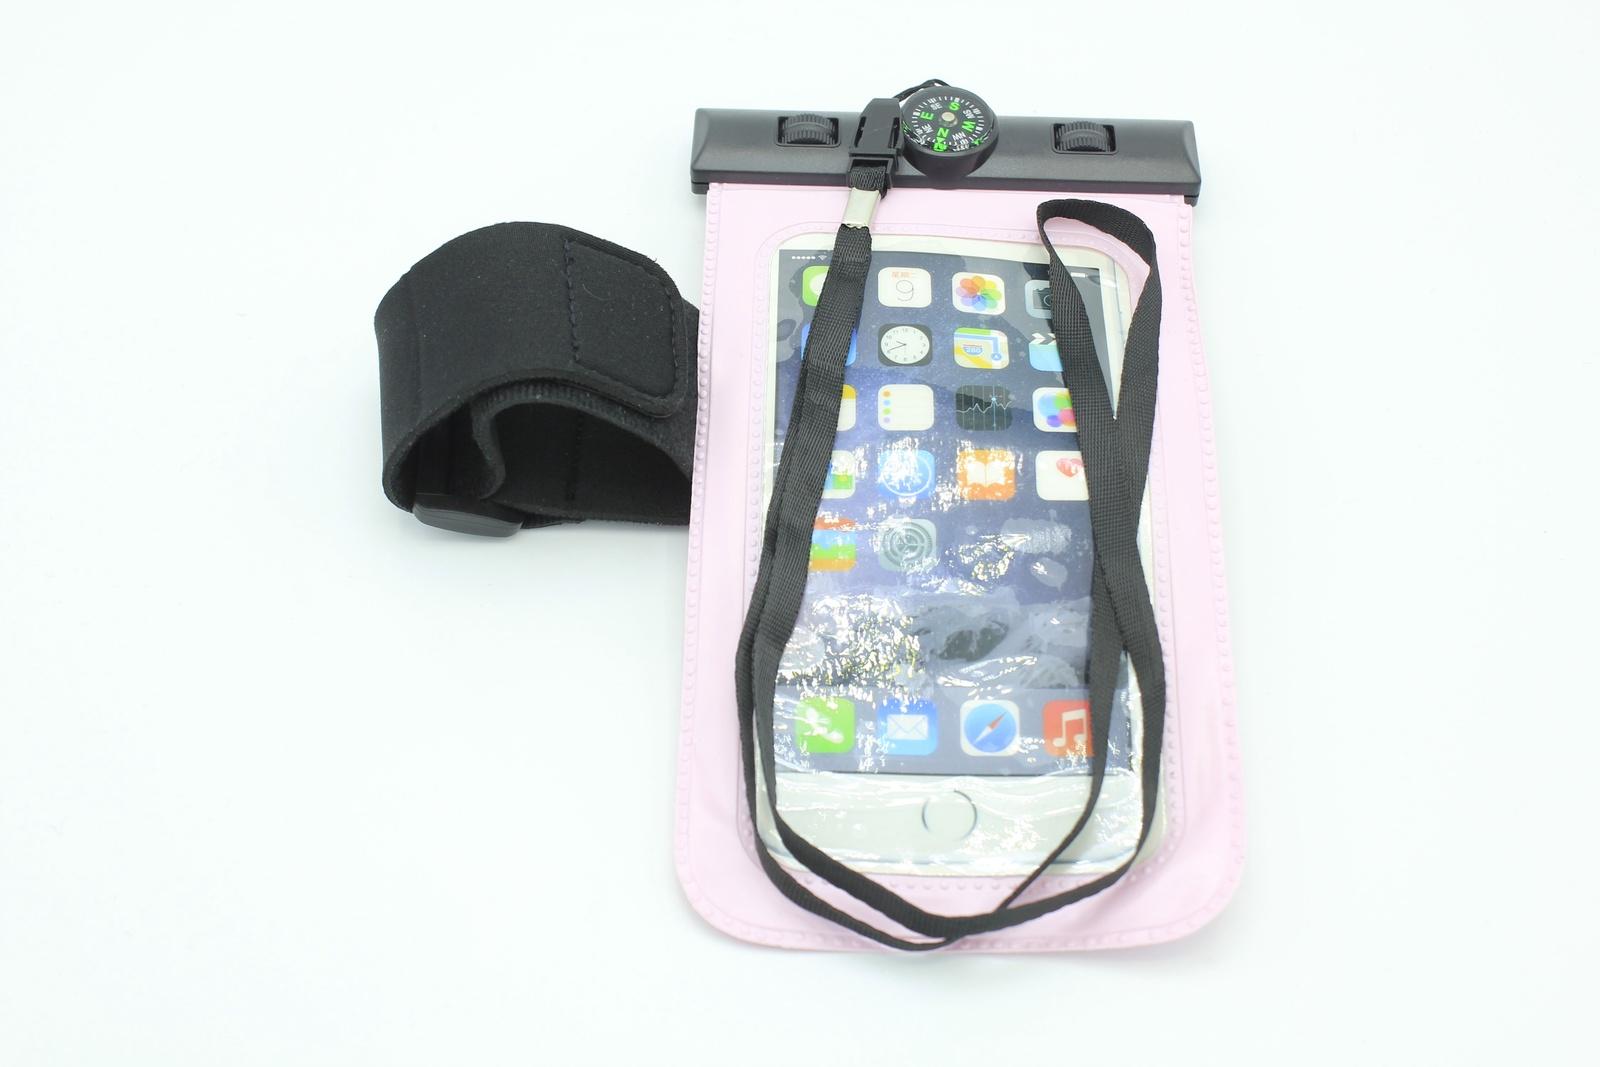 цена на Водонепроницаемый чехол для телефона универсальный с компасом, розовый